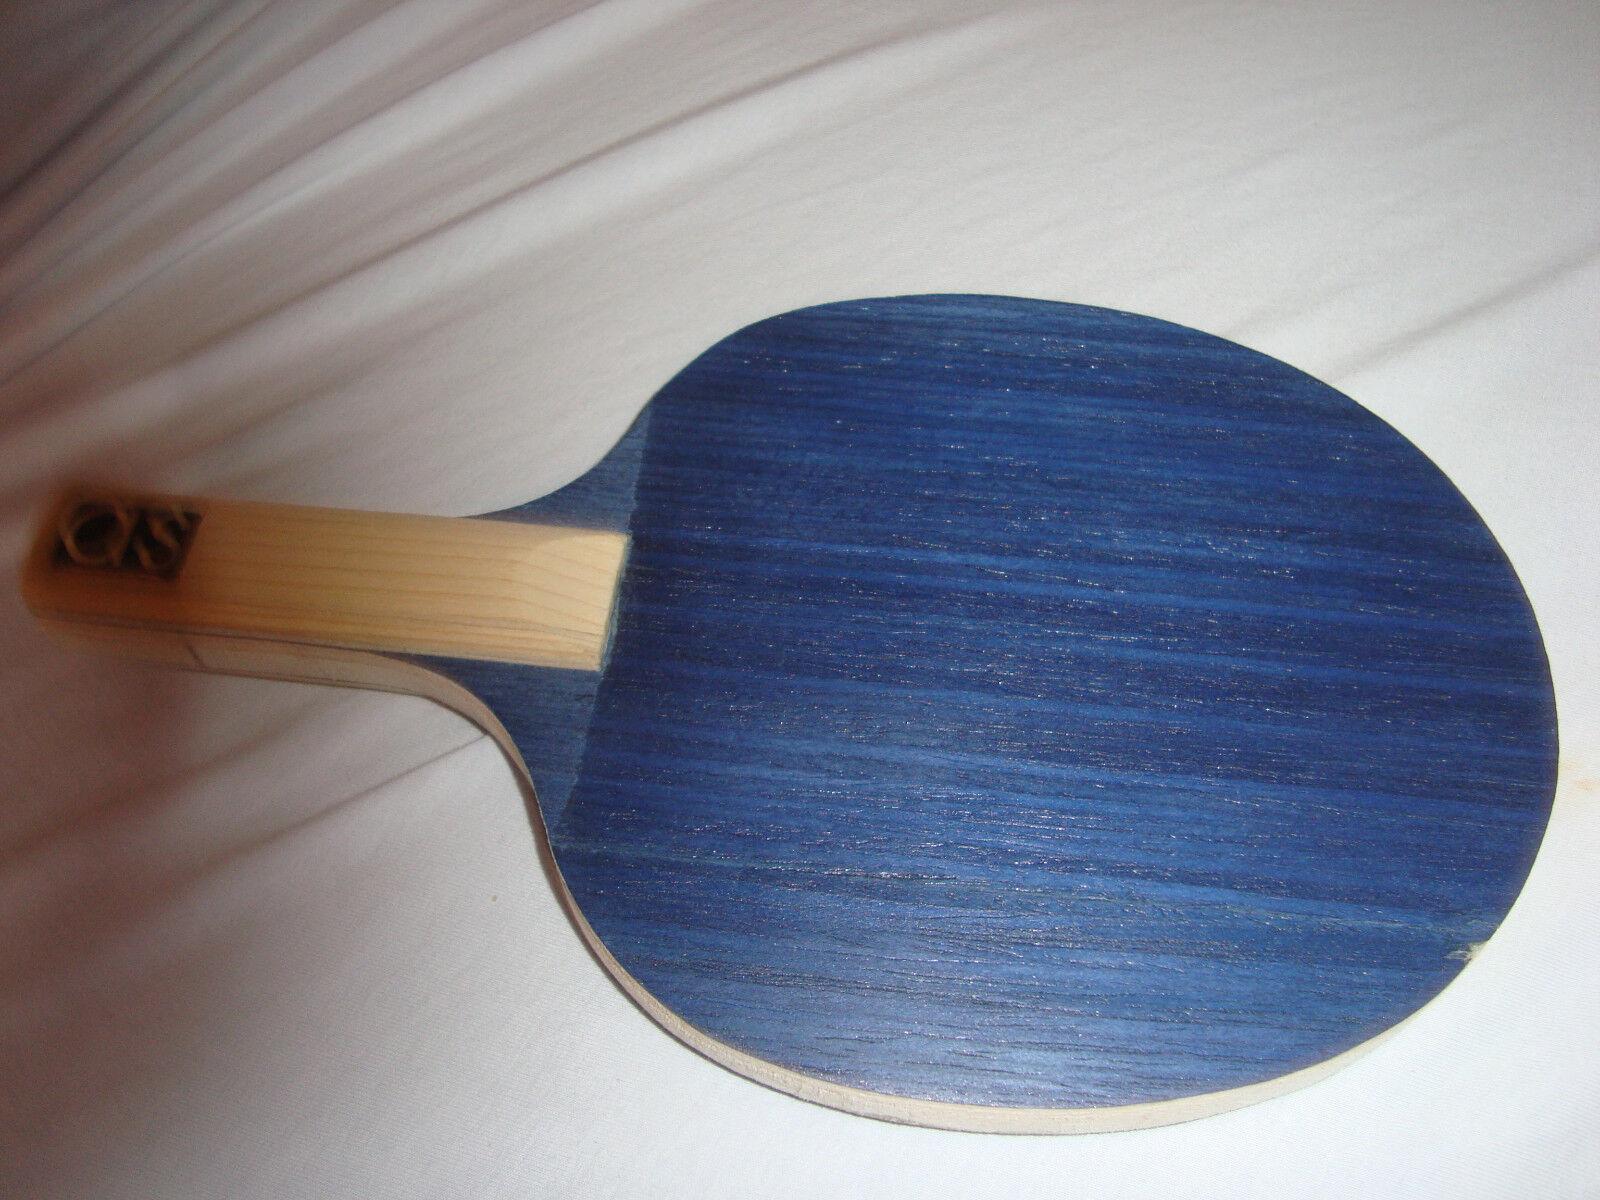 Tischtennis Holz a und und und s table tennis bat, Balsa neu, auch Sonderanfertigungen b22edb